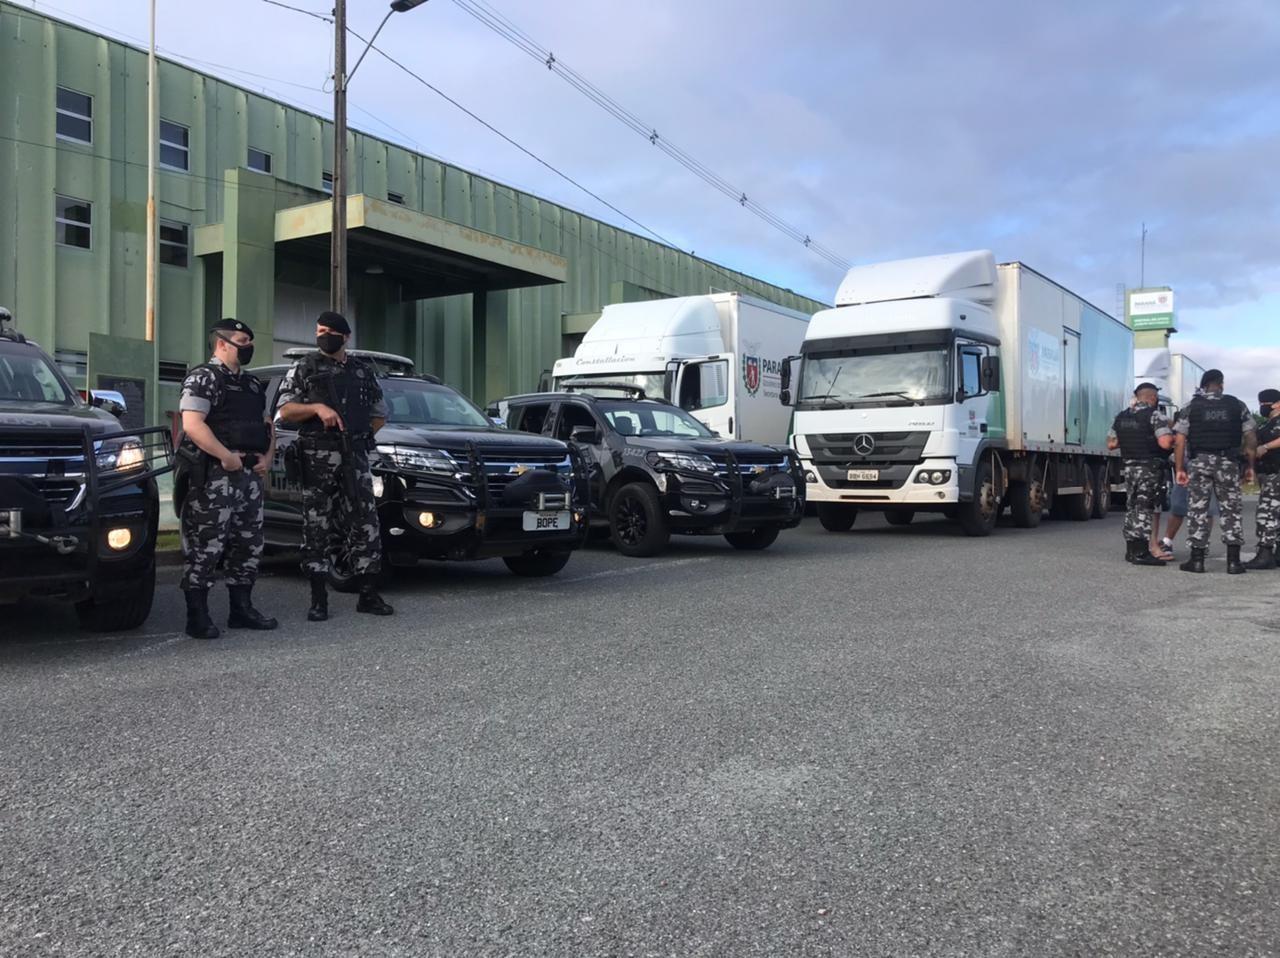 Caminhões levam carregamento de mais de dois milhões de insumos para aplicação vacina contra a Covid-19 nas cidades do interior do Paraná